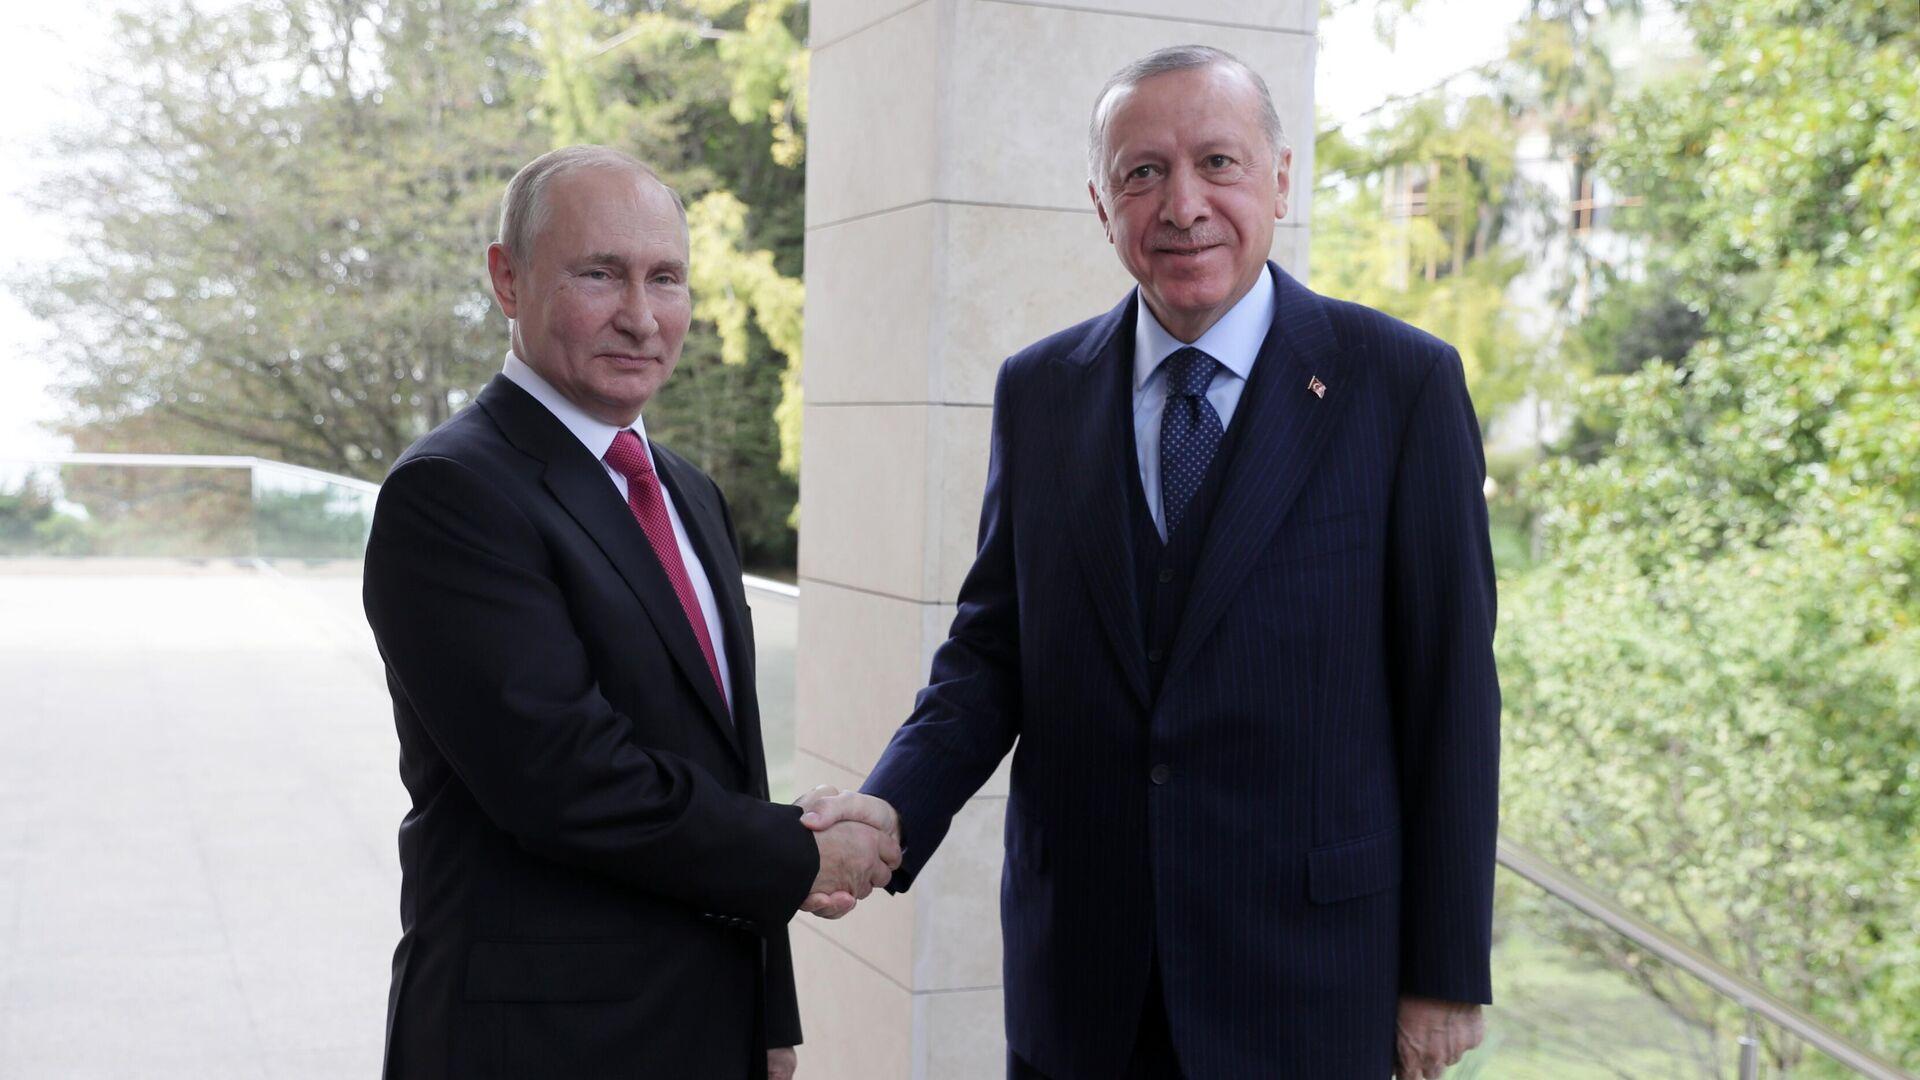 Президент РФ В. Путин провел переговоры с президентом Турции Р. Эрдоганом - Sputnik Азербайджан, 1920, 29.09.2021